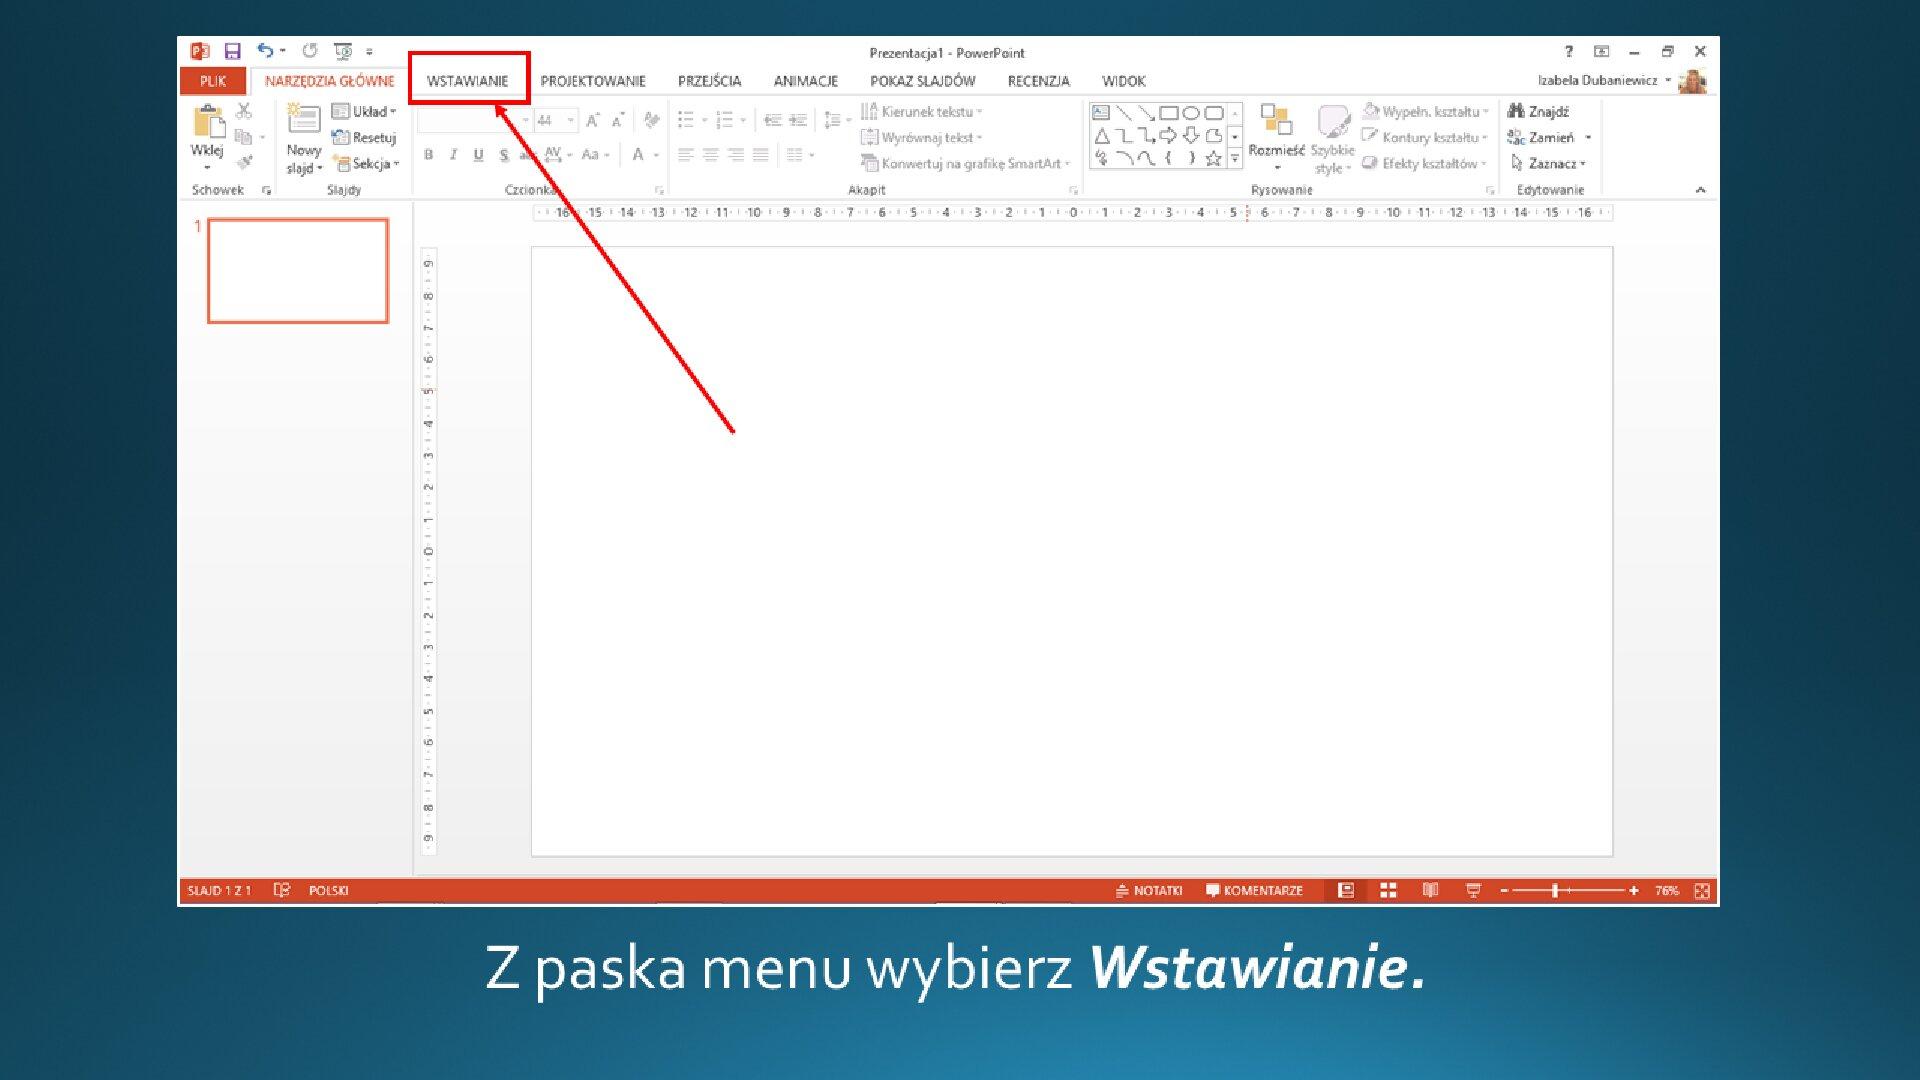 Slajd 1 galerii zrzutów slajdów: Wstawianie grafiki na slajd opustym układzie wprogramie MS PowerPoint